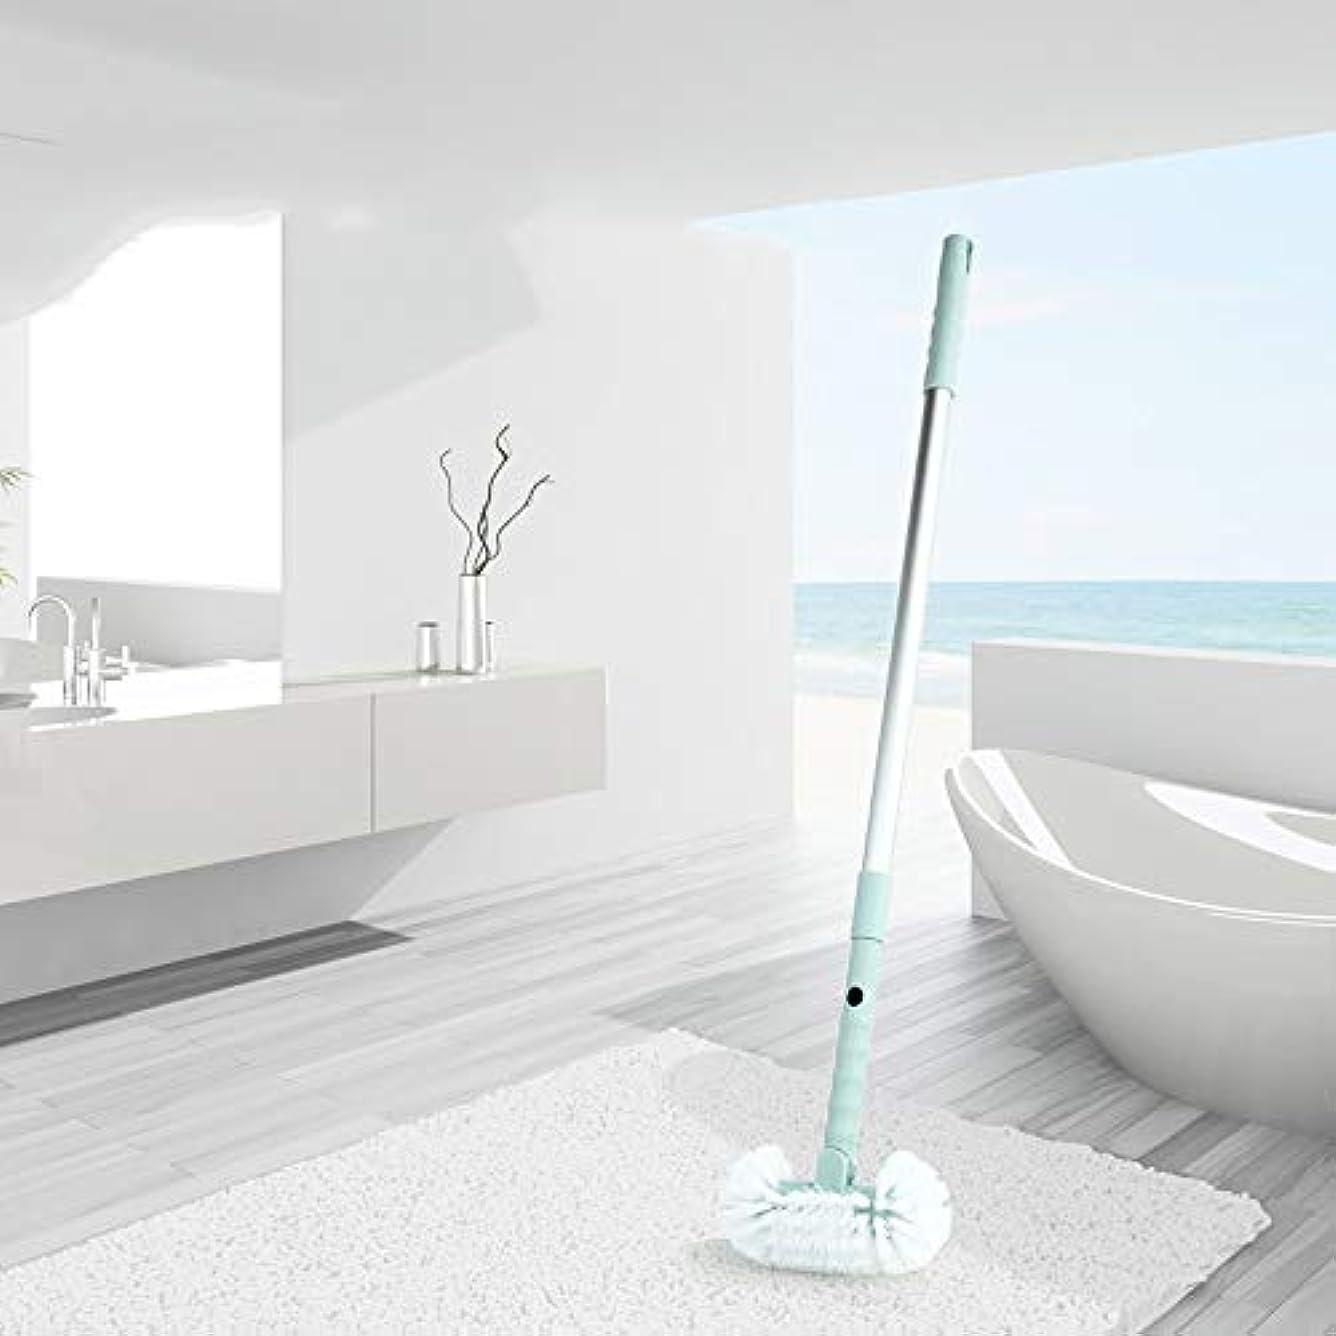 アシスタント戻すうなるポアクリーニング ホームバスルーム引き戻し可能なハードブラシトイレ浴室バスタブフロアクリーニングブラシ マッサージブラシ